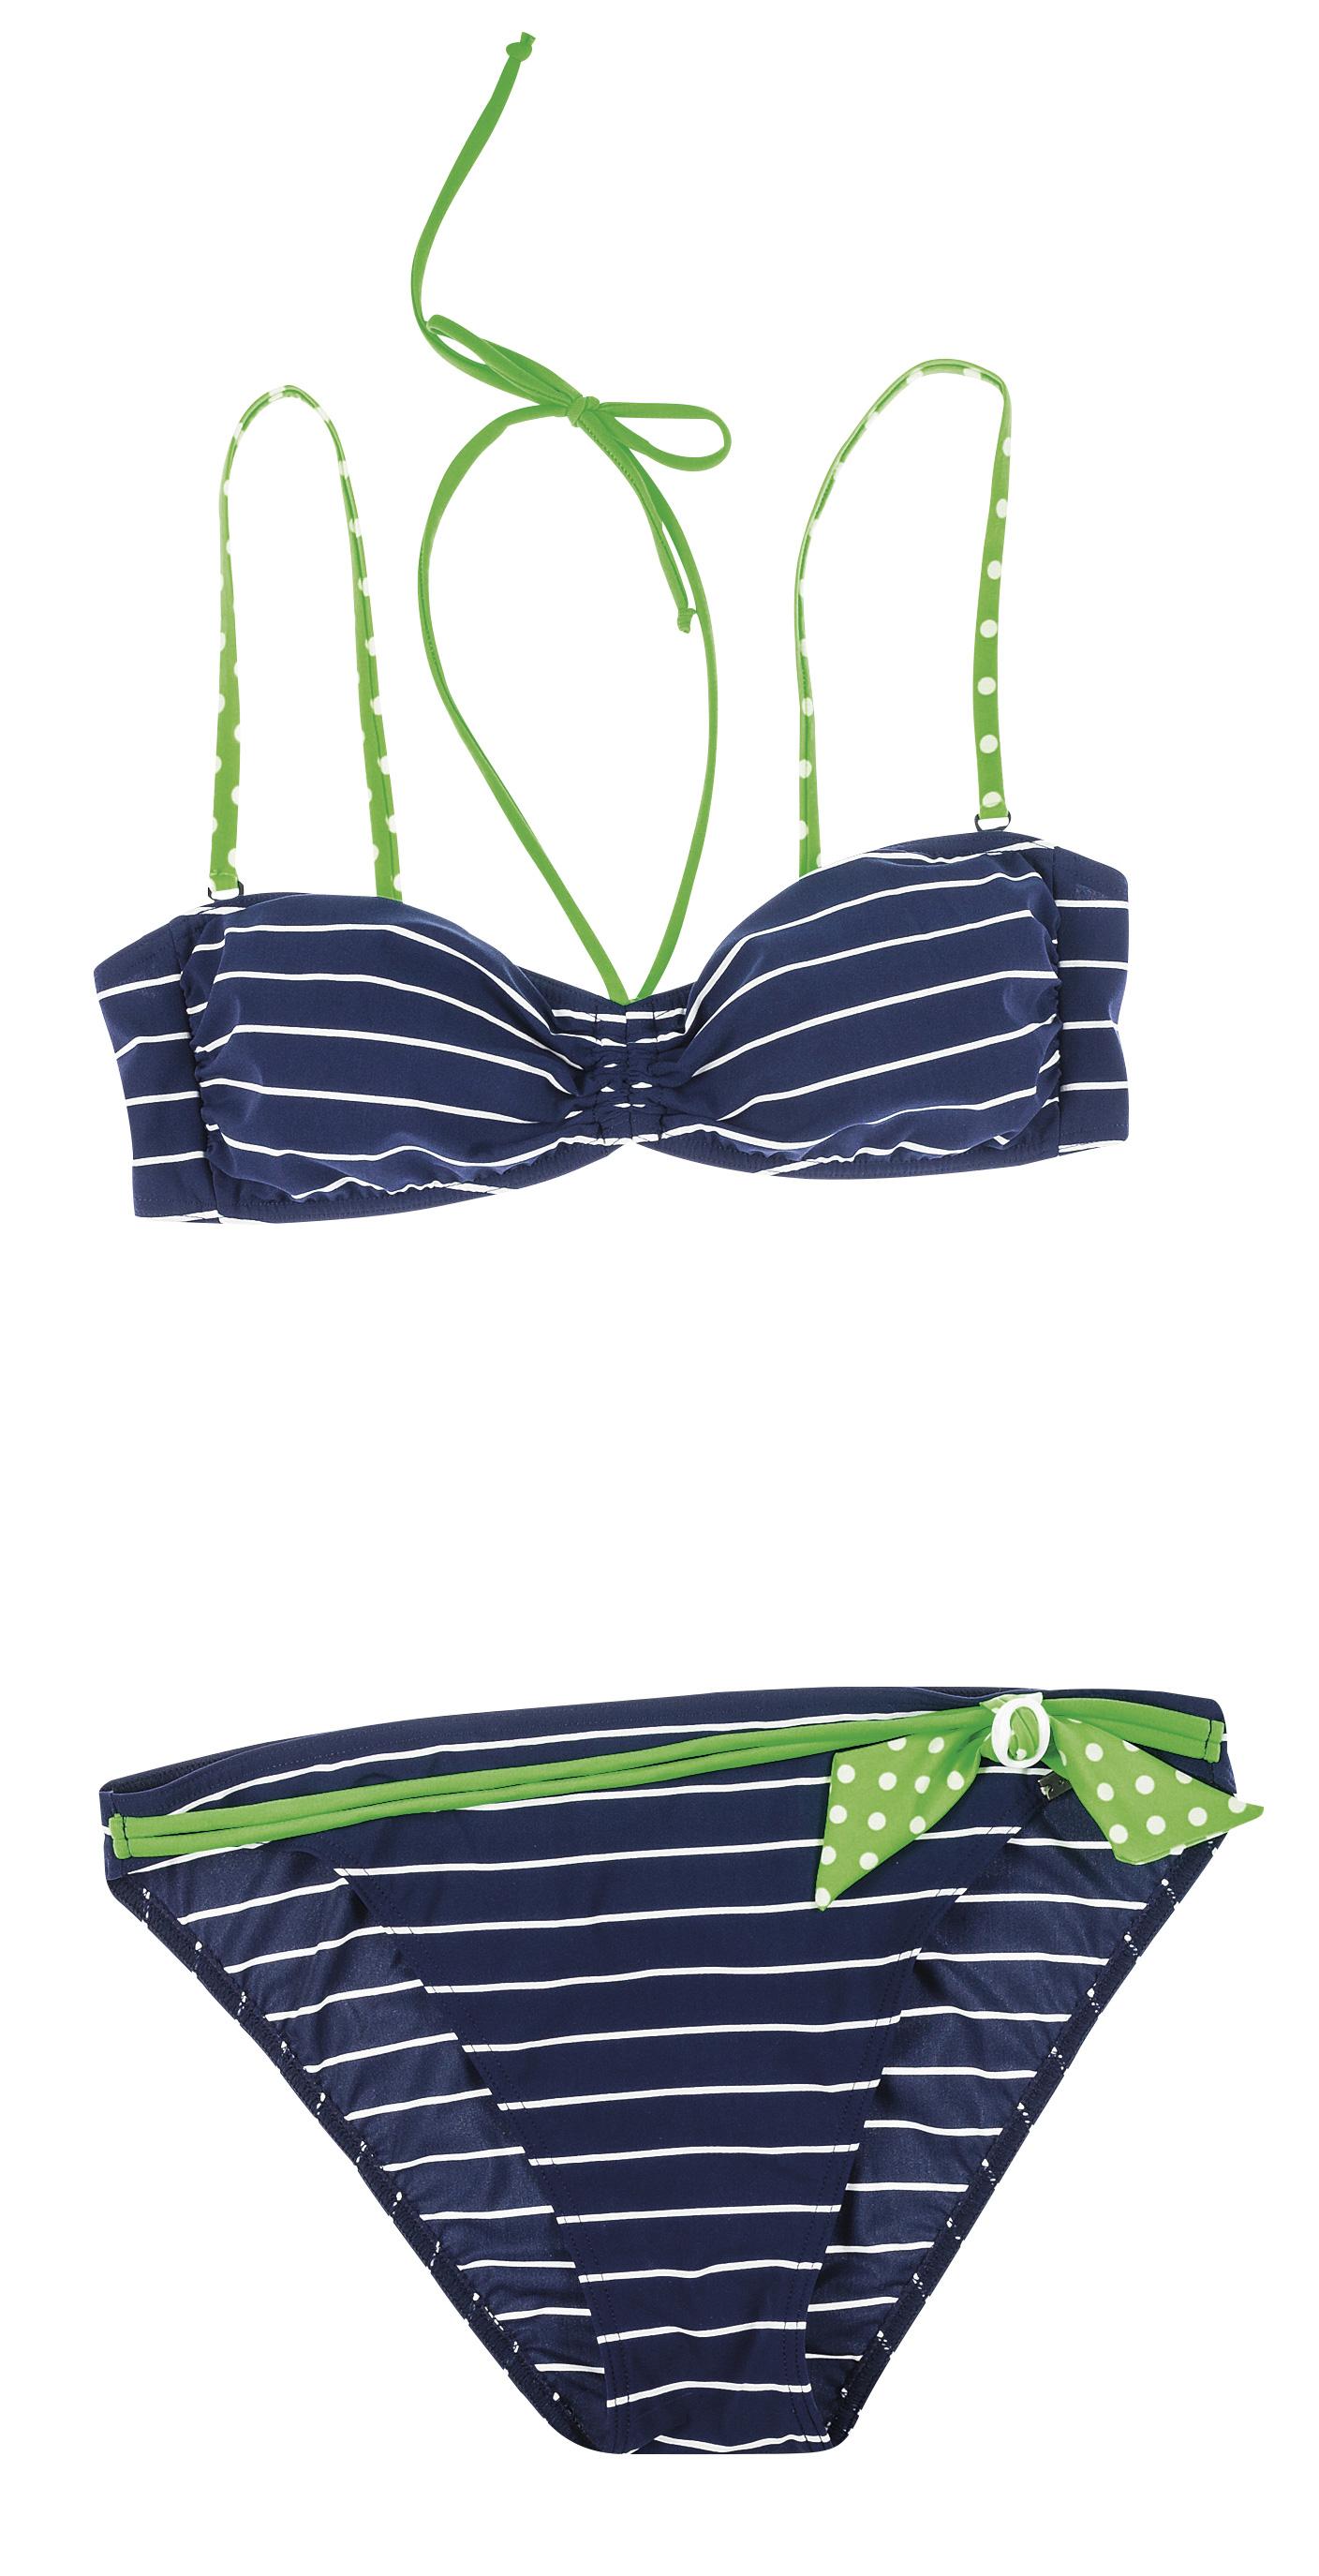 Damen Bikini K - HO 2 cm